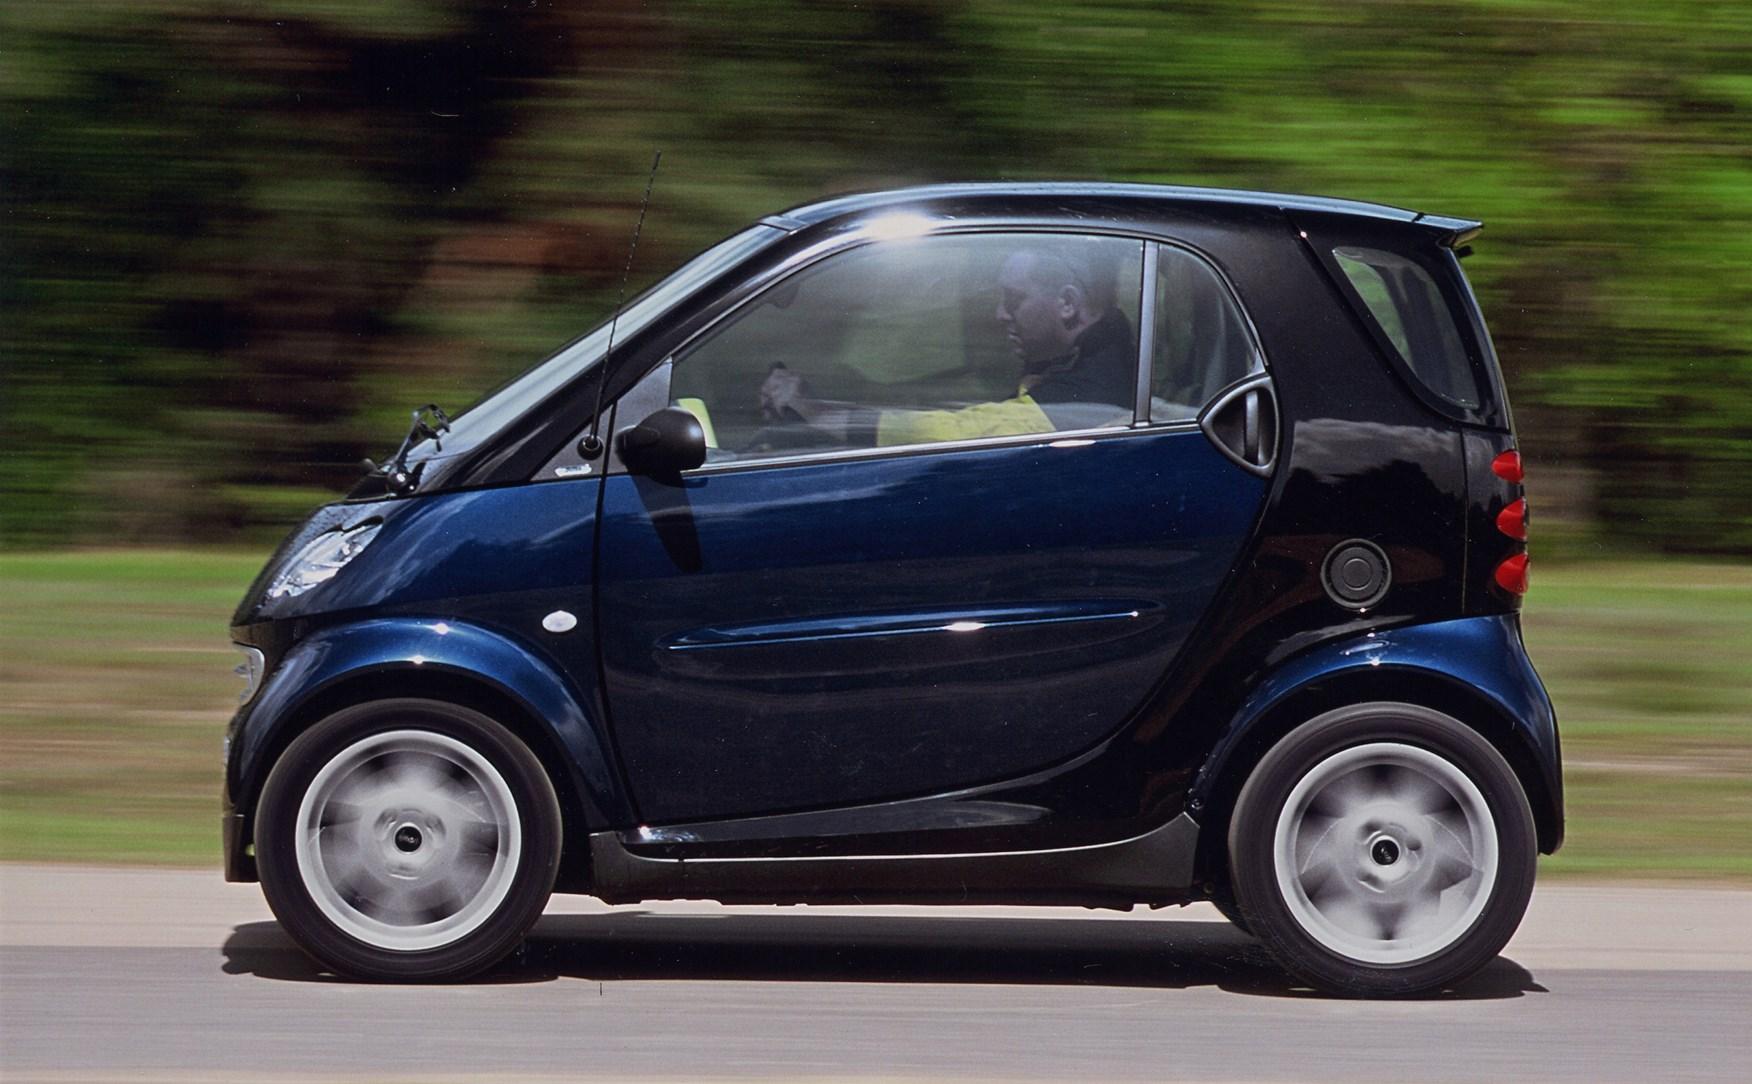 Smart City Coupe Key Reviews - aliexpress.com